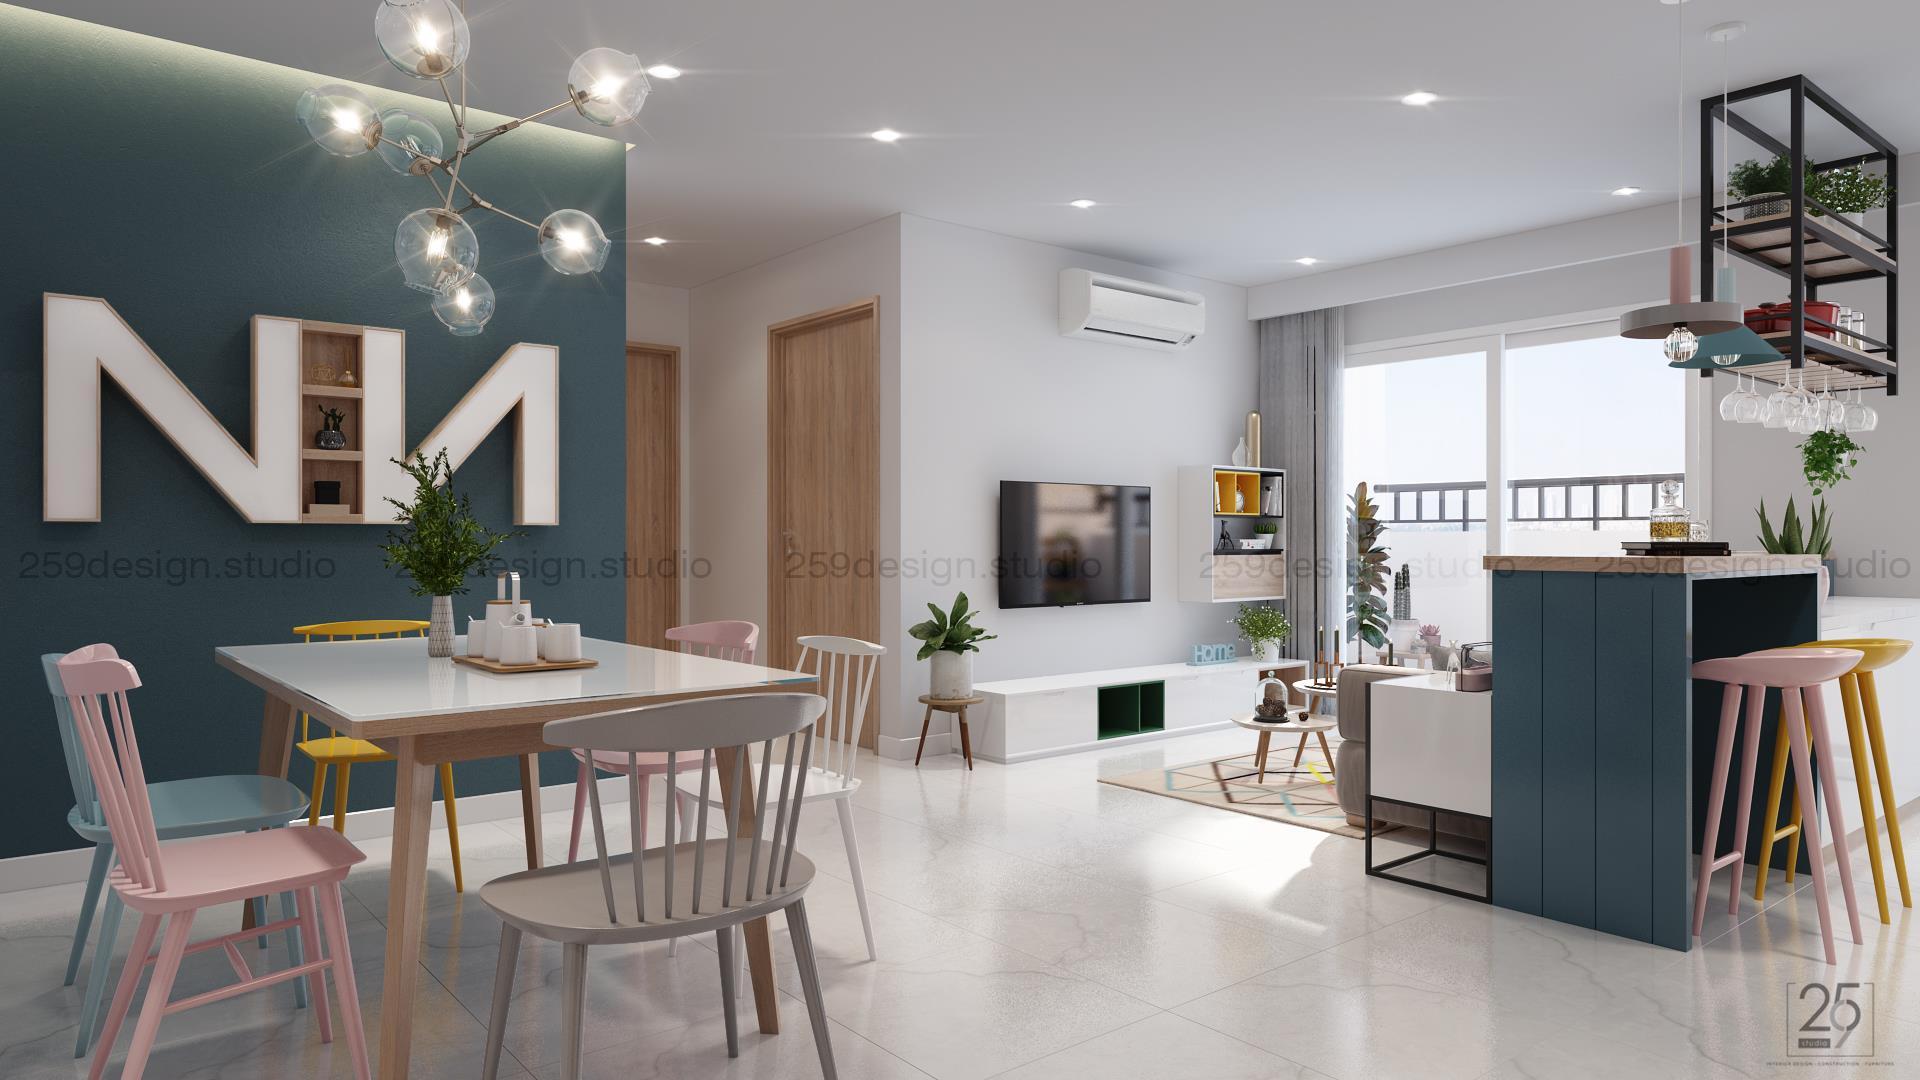 Mẫu thiết kế nội thất căn hộ đẹp với điểm nhấn màu pastel - Nhà Đẹp Số (7)